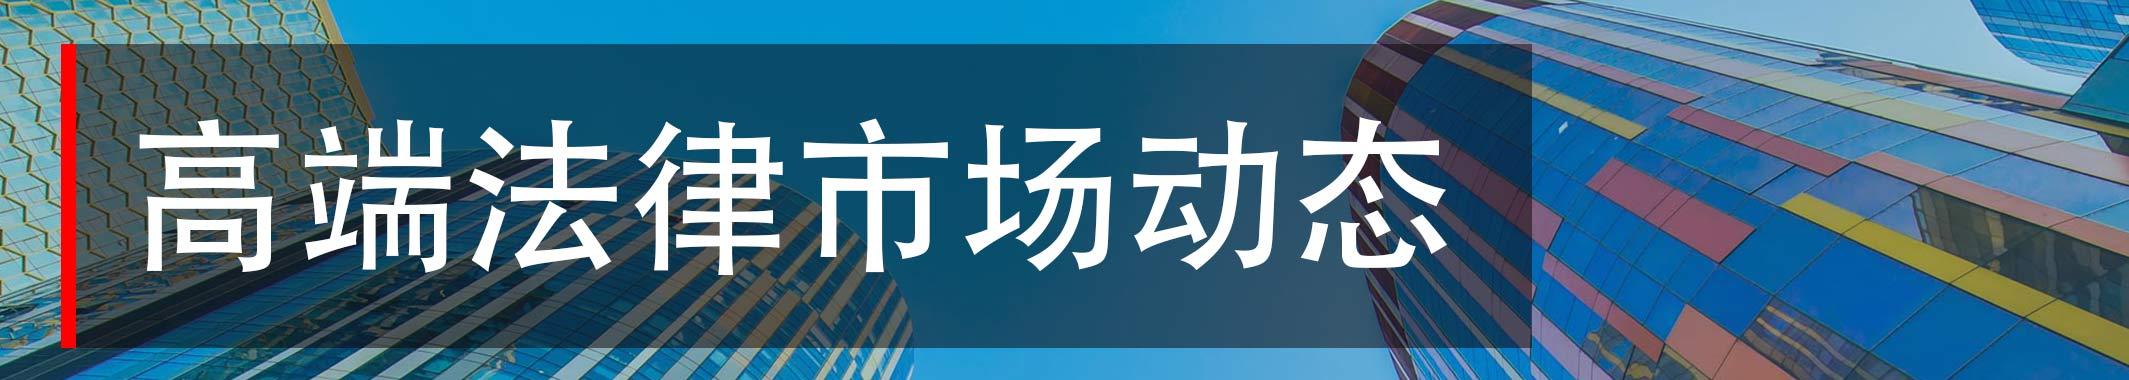 中国商法度市场动态n